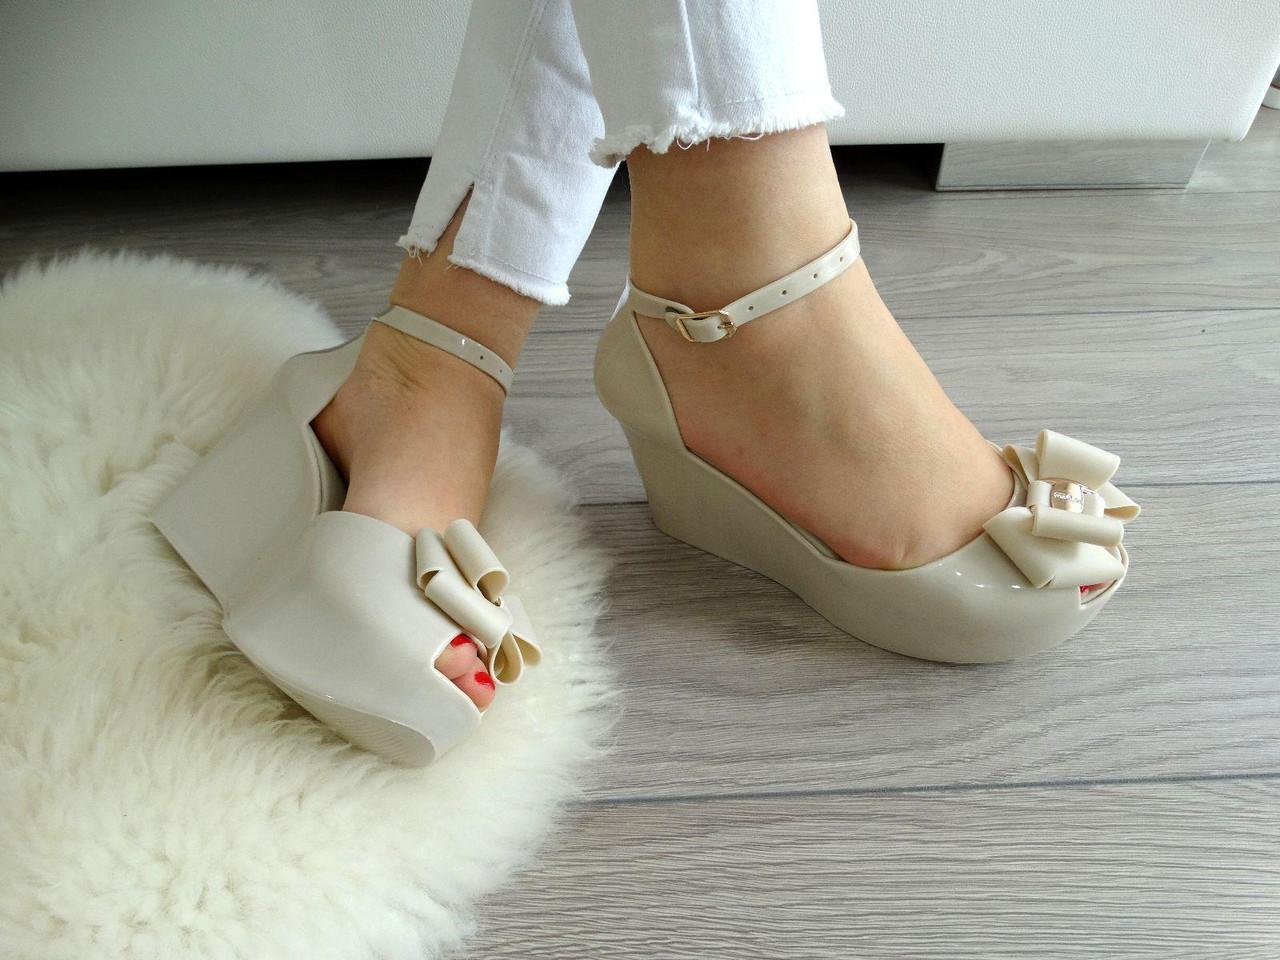 Резиновые босоножки – удобная и оригинальная обувь для модниц